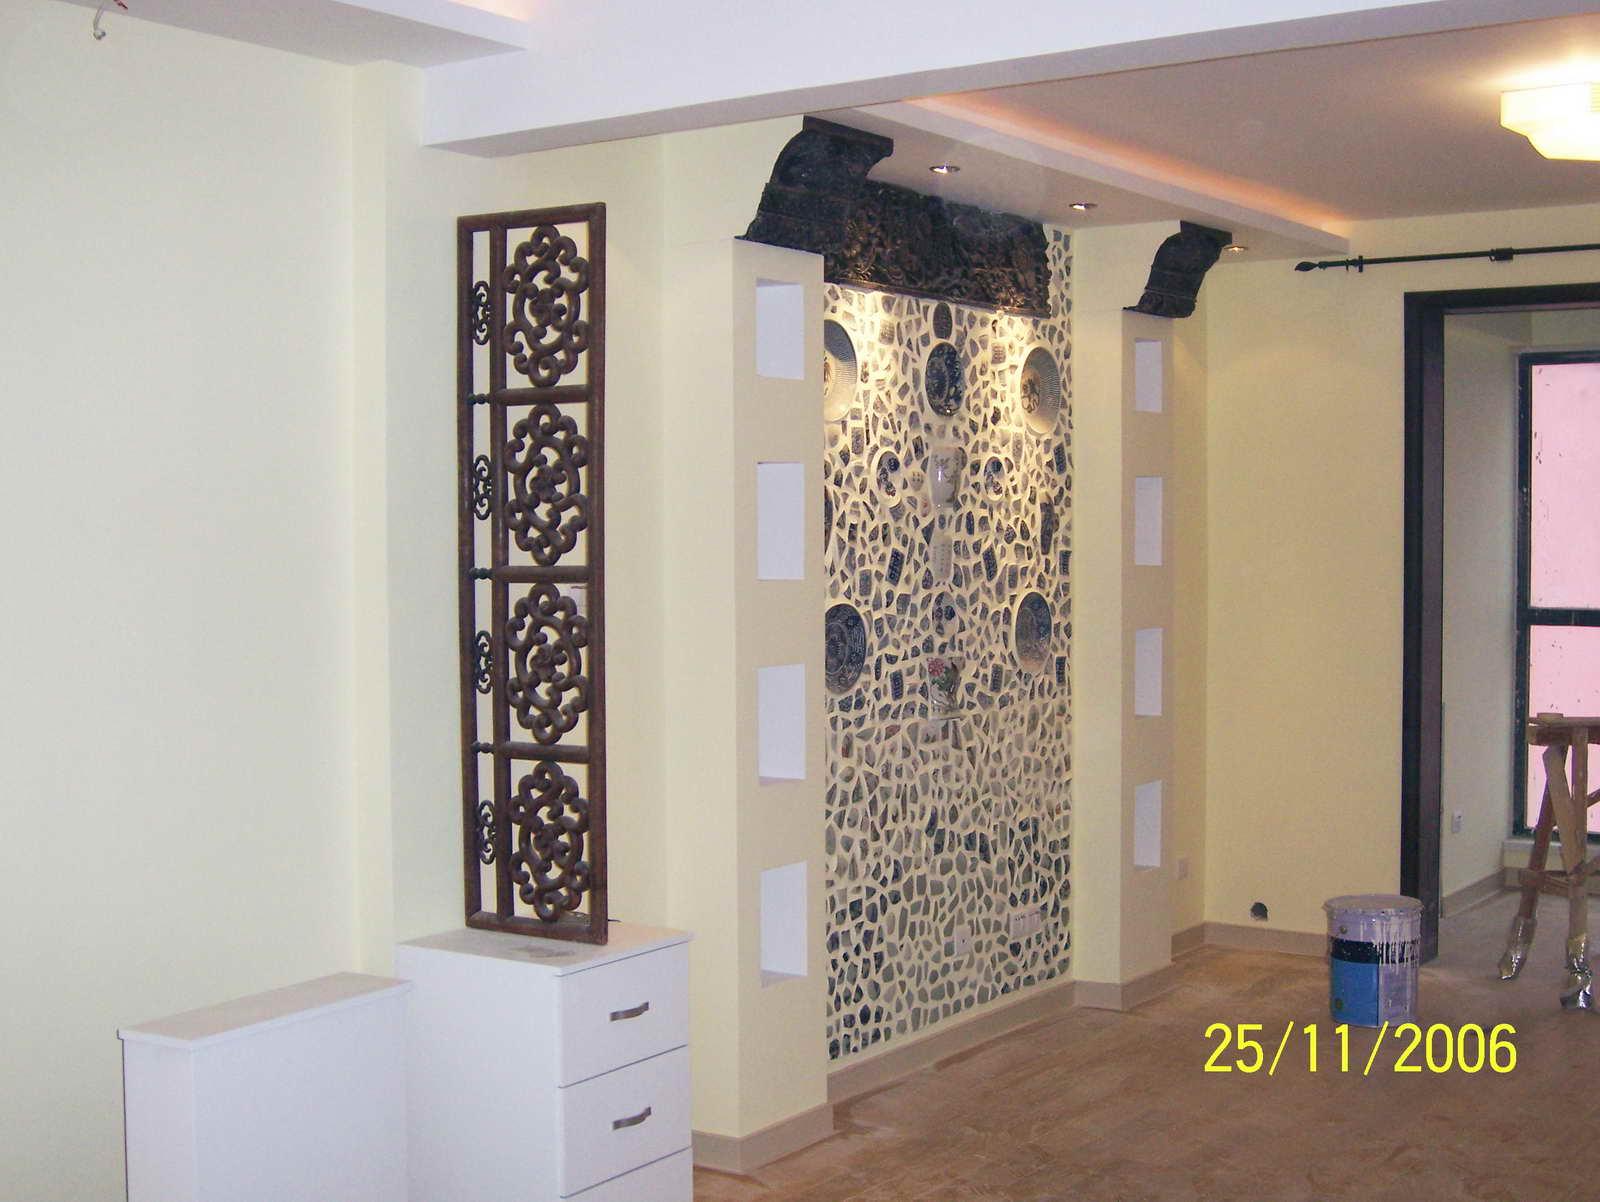 古典中式隔断   瓷房子效果的影视墙   小院屏风墙效果的